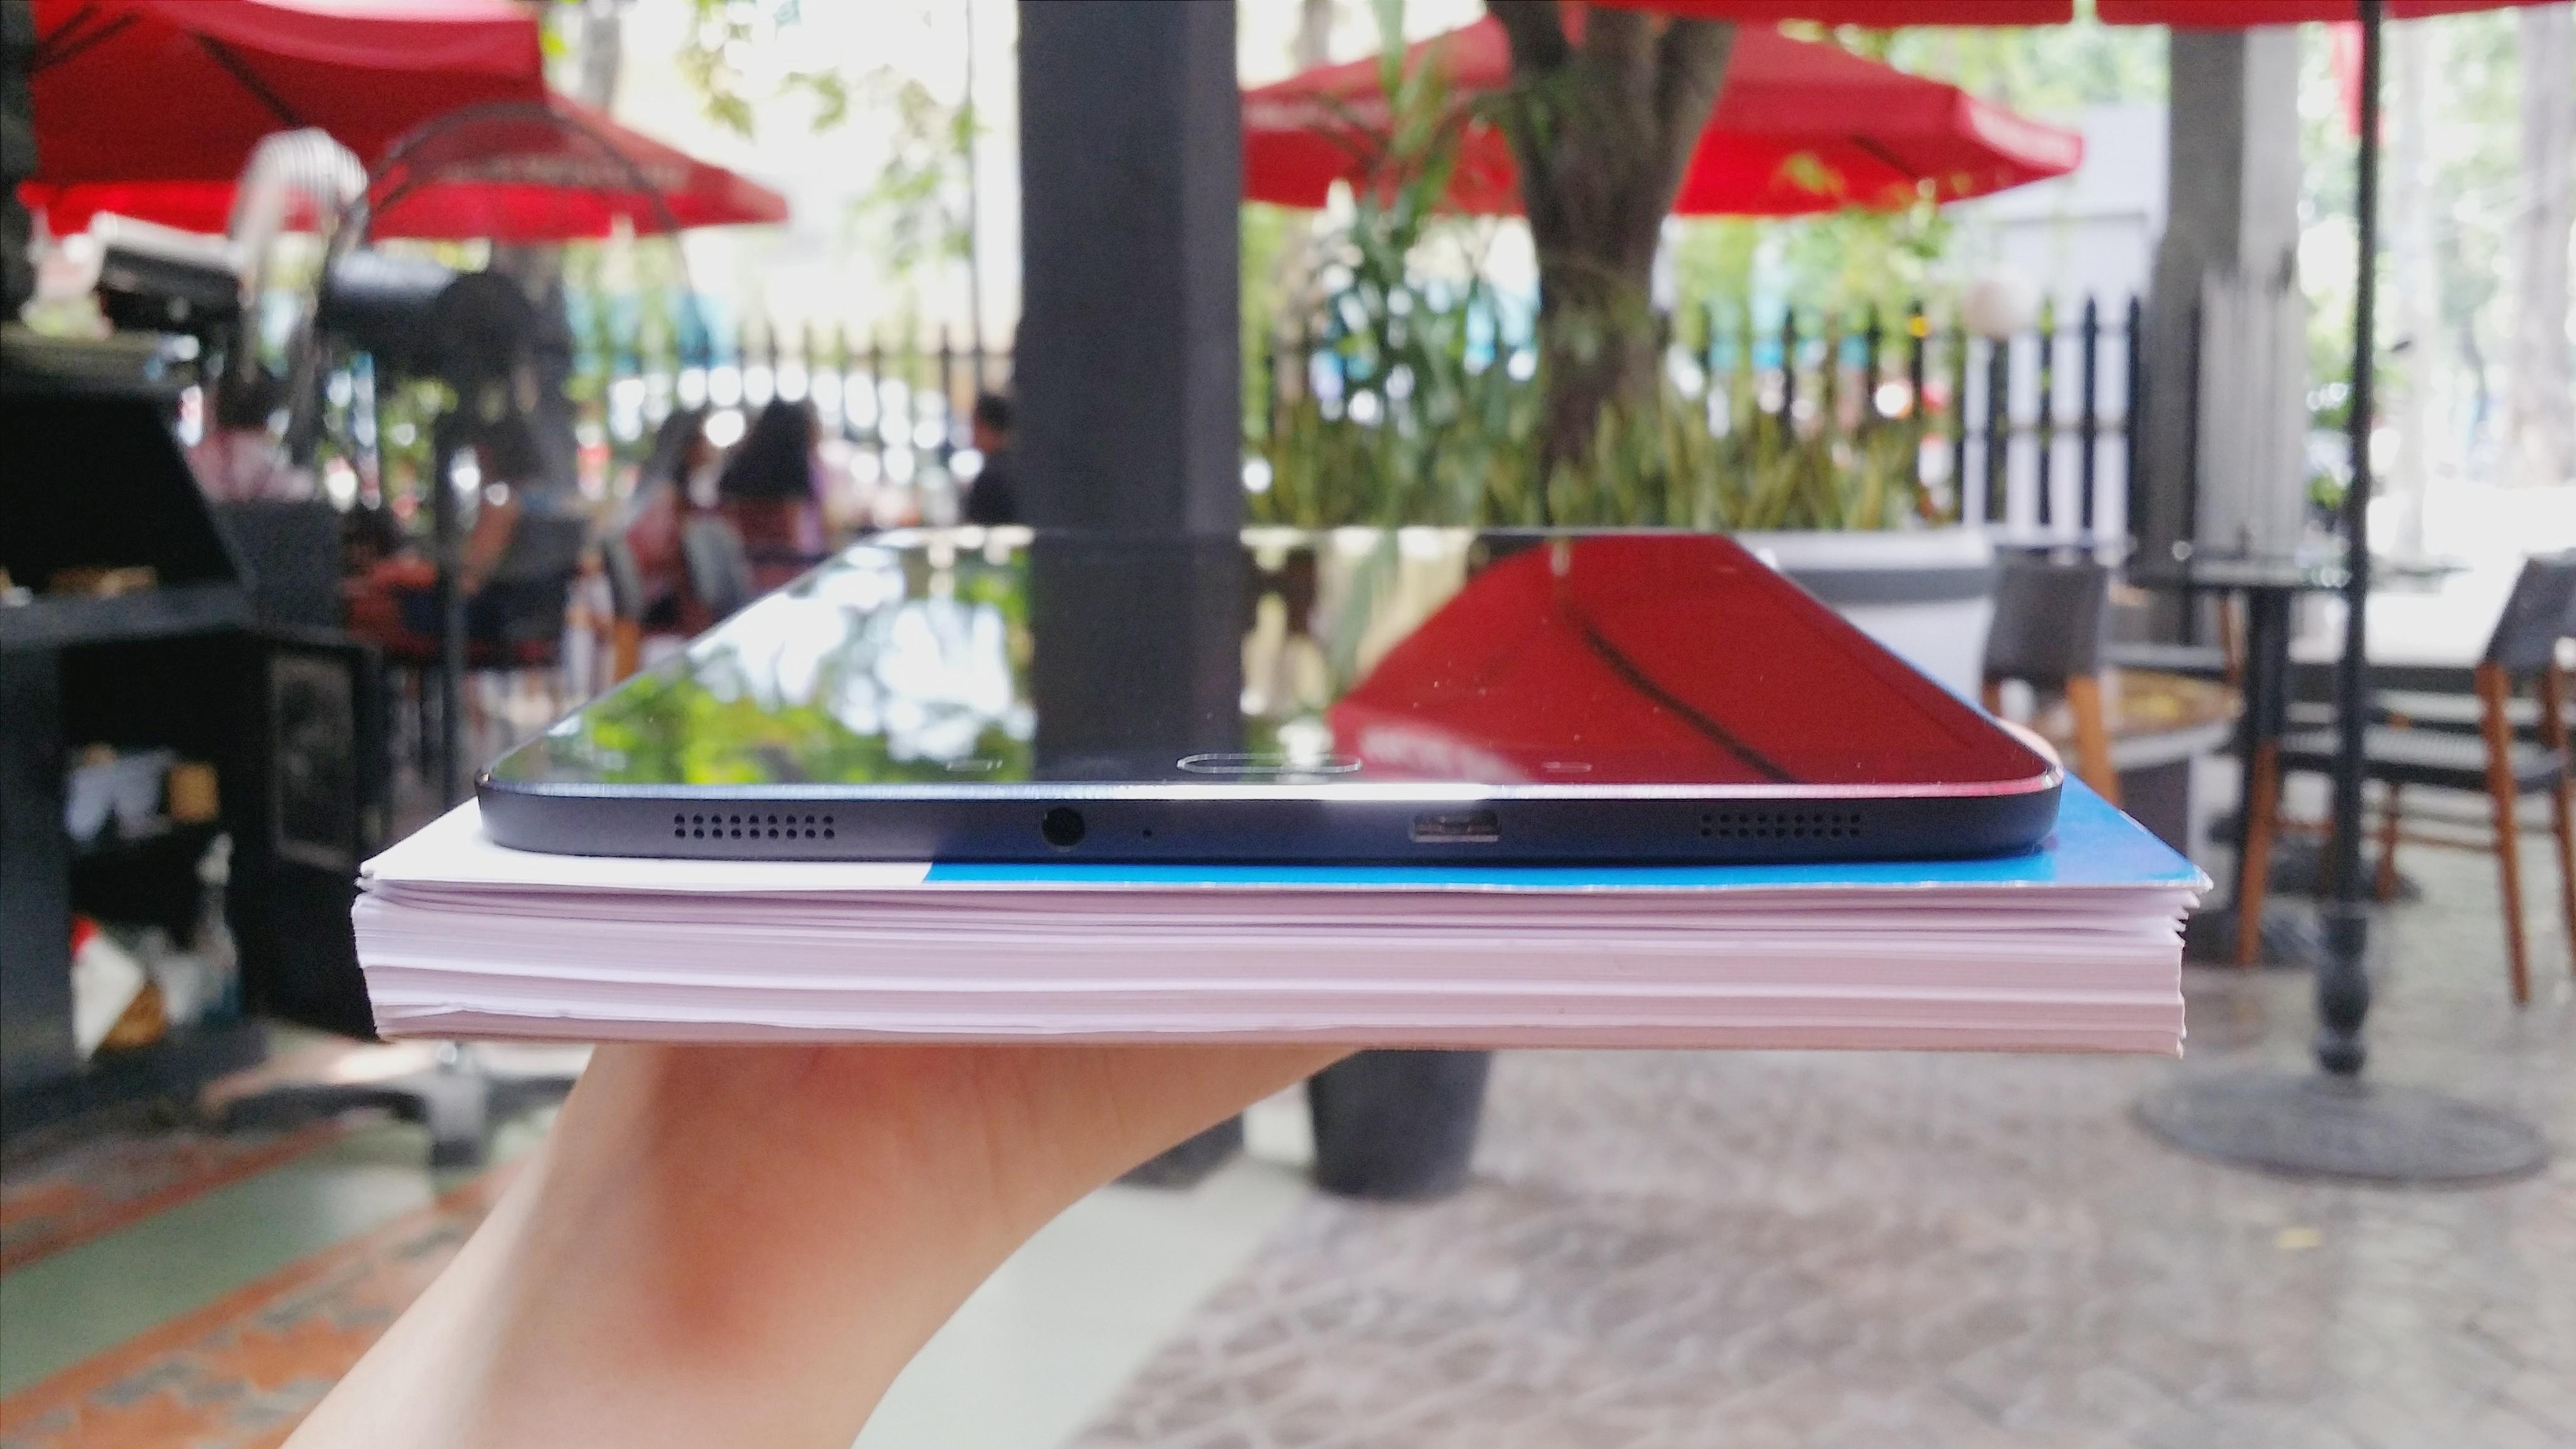 Galaxy Tab S2 thiết bị văn phòng chuyên nghiệp